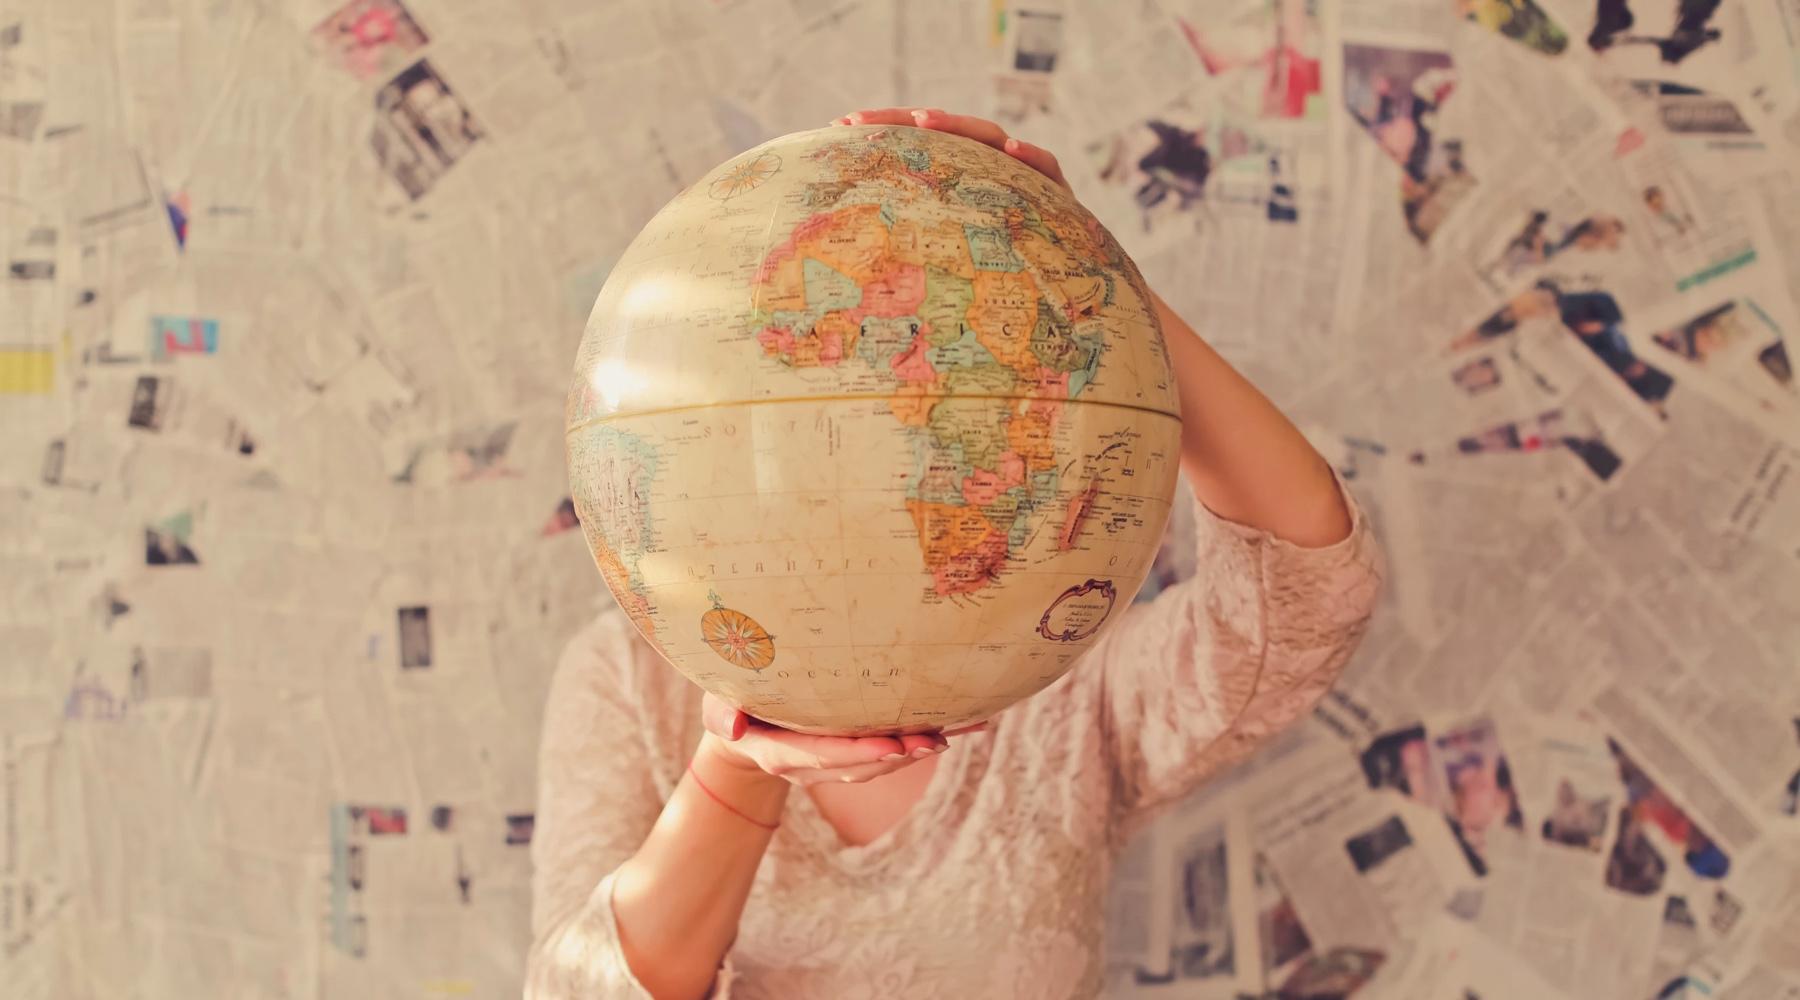 全球化设计 #1:为不同文化而设计